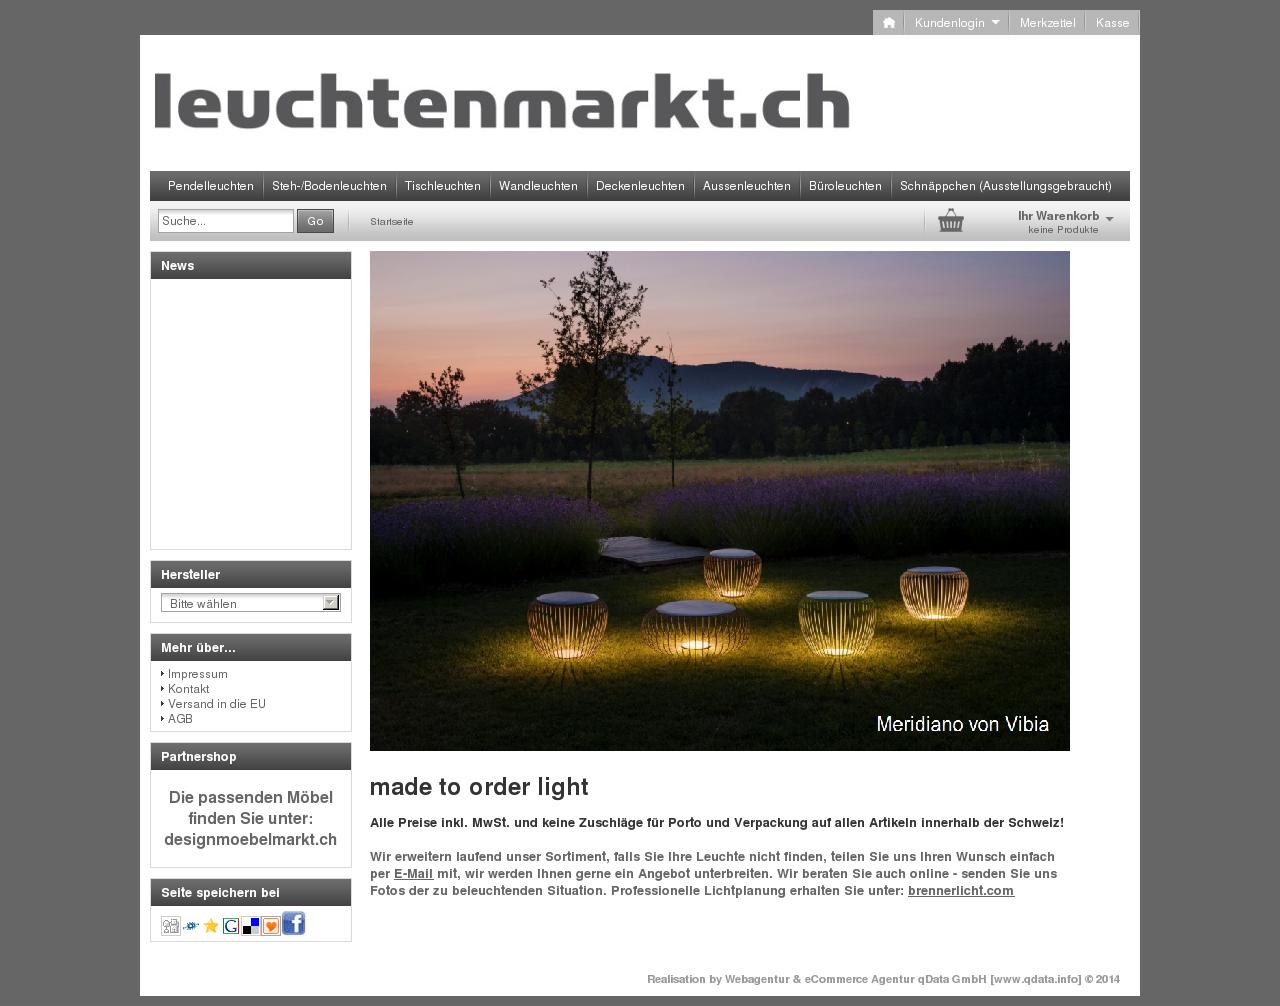 leuchtenmarkt.ch_